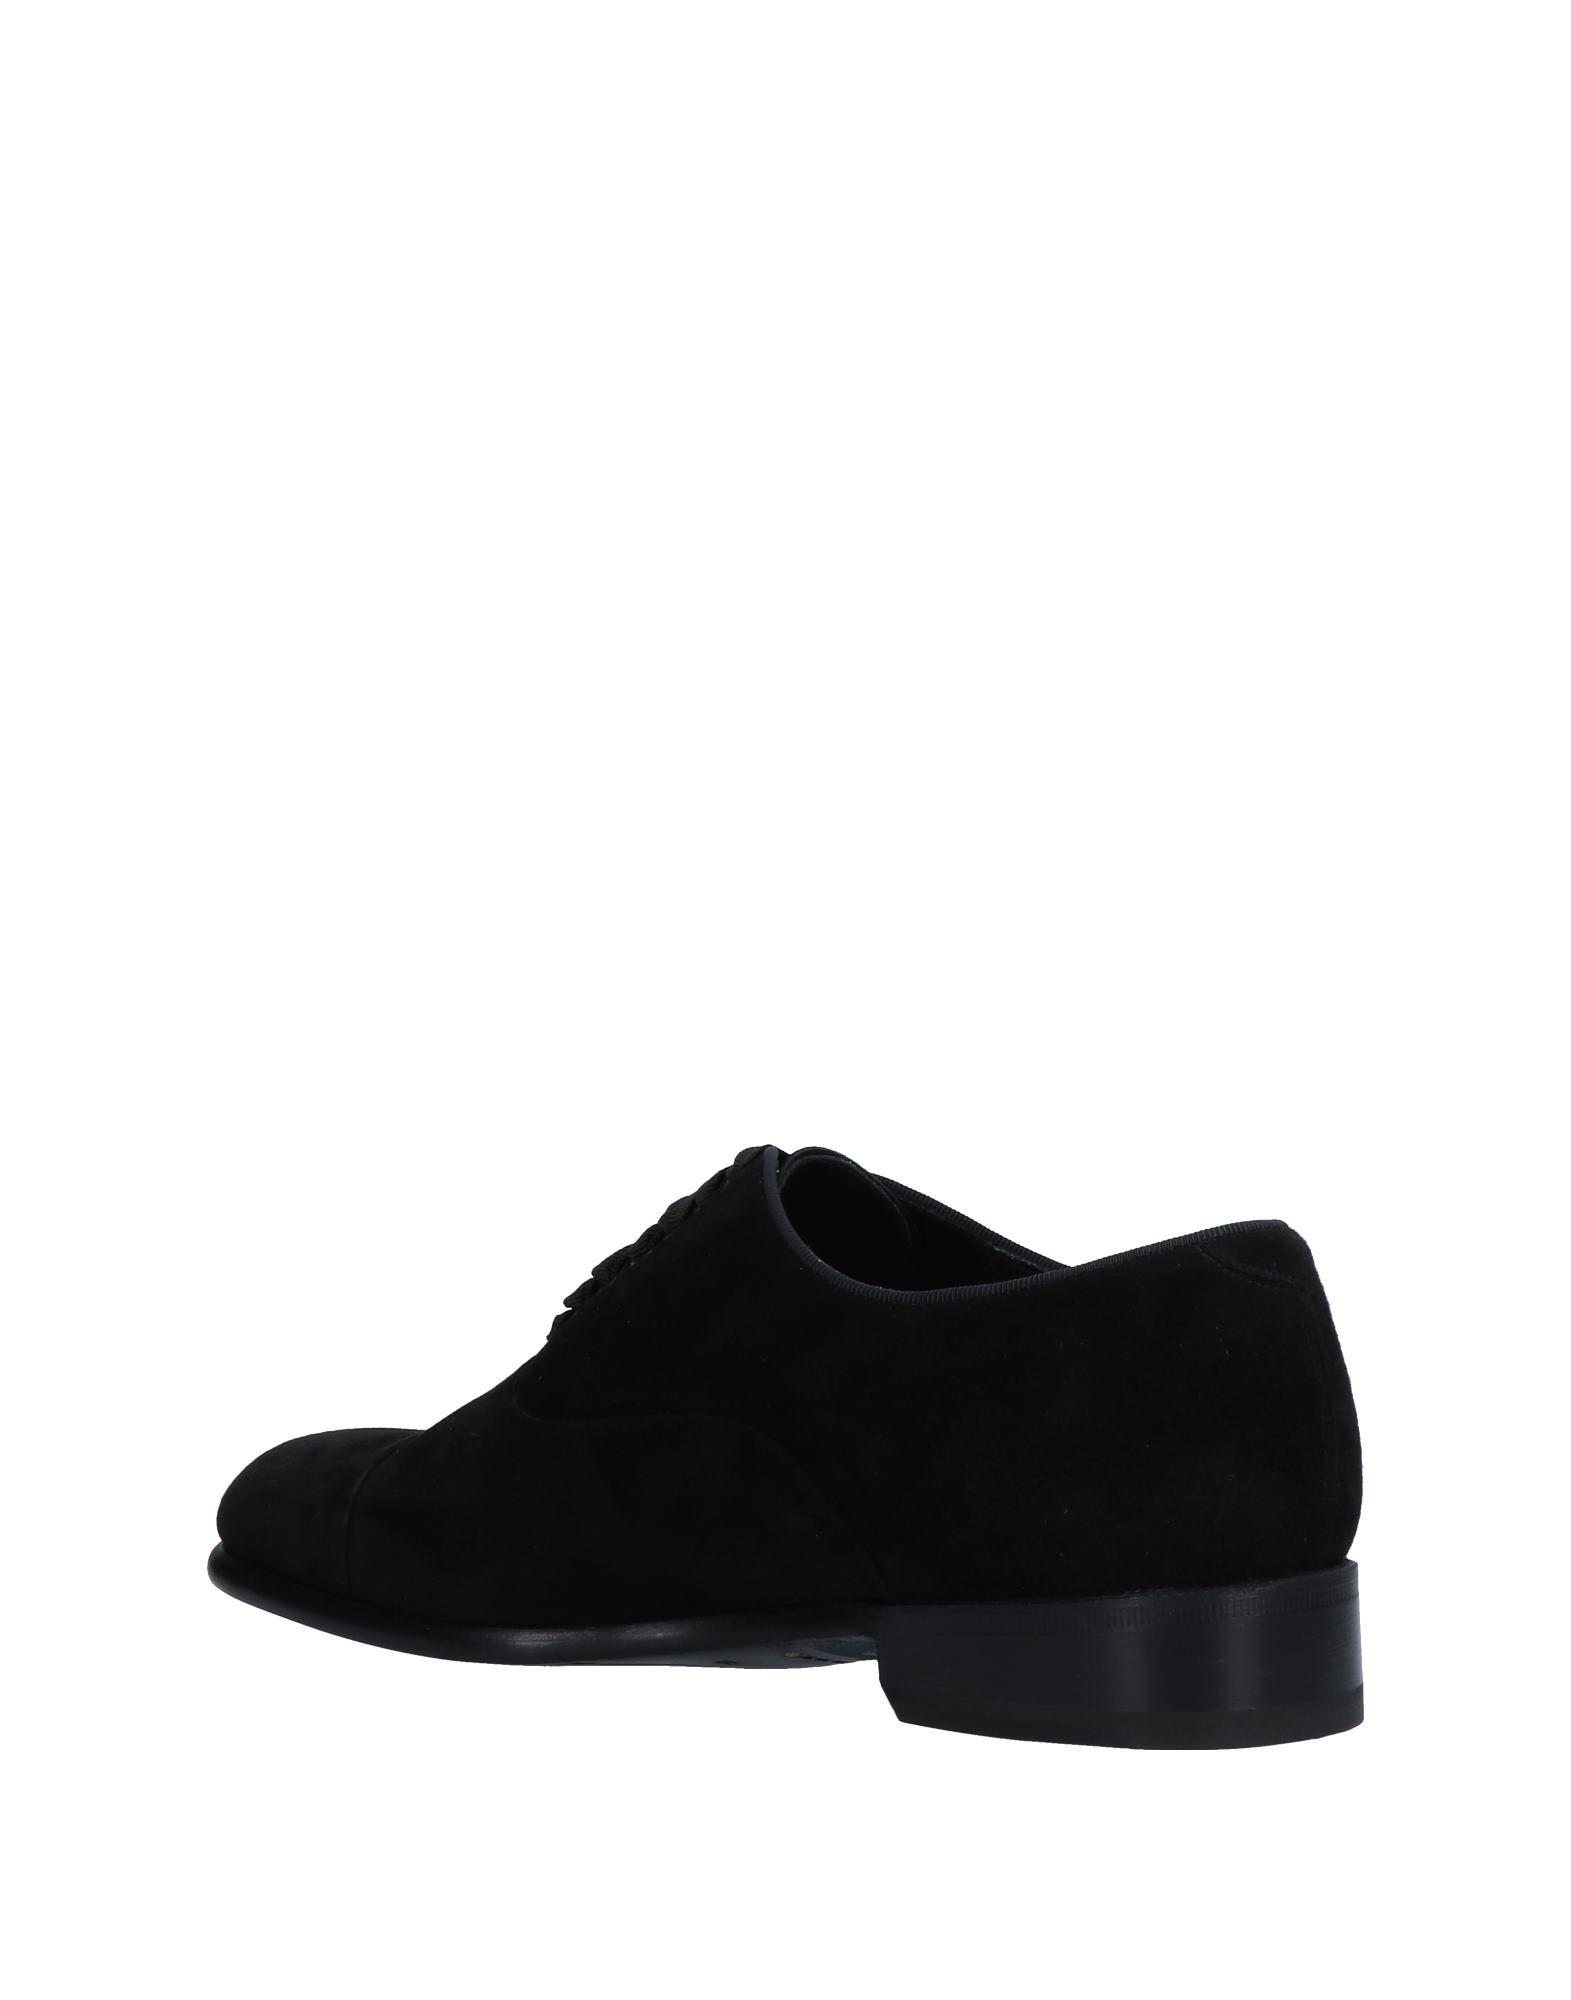 Max Verre Schnürschuhe Herren  11514278ON Gute Qualität beliebte Schuhe